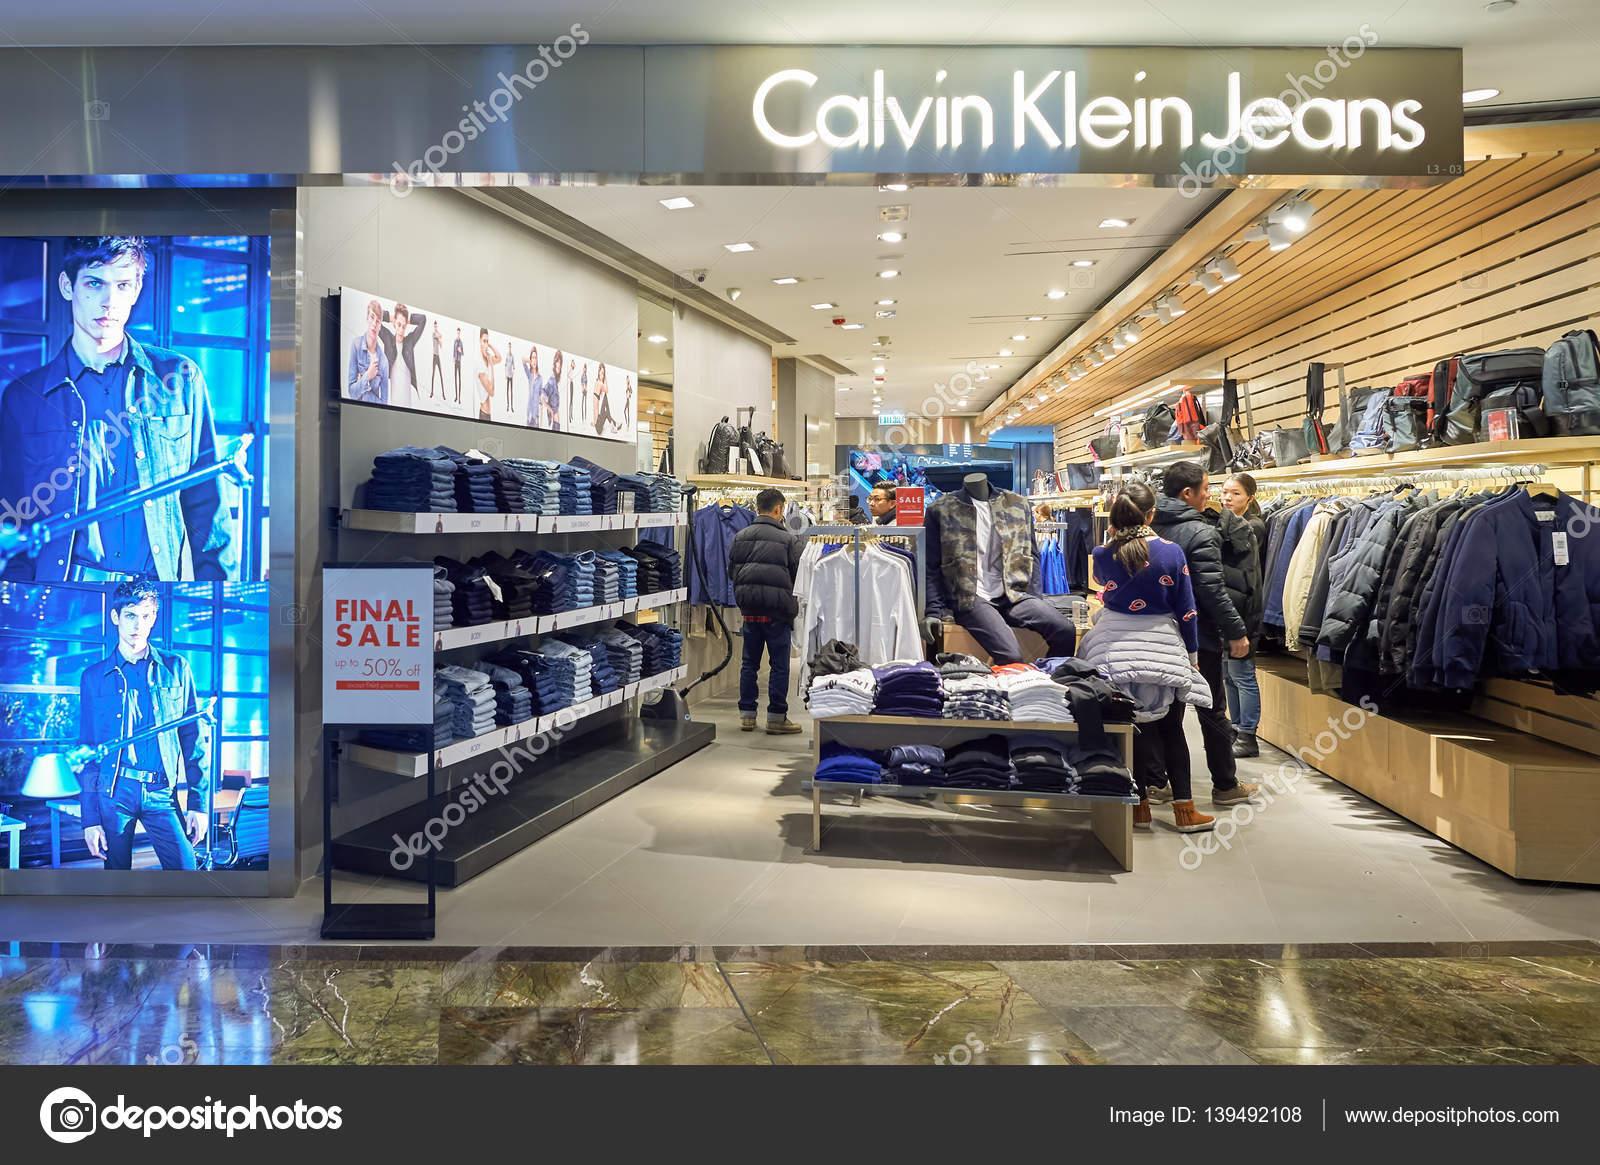 calvin klein clothes store stock editorial photo teamtime 139492108